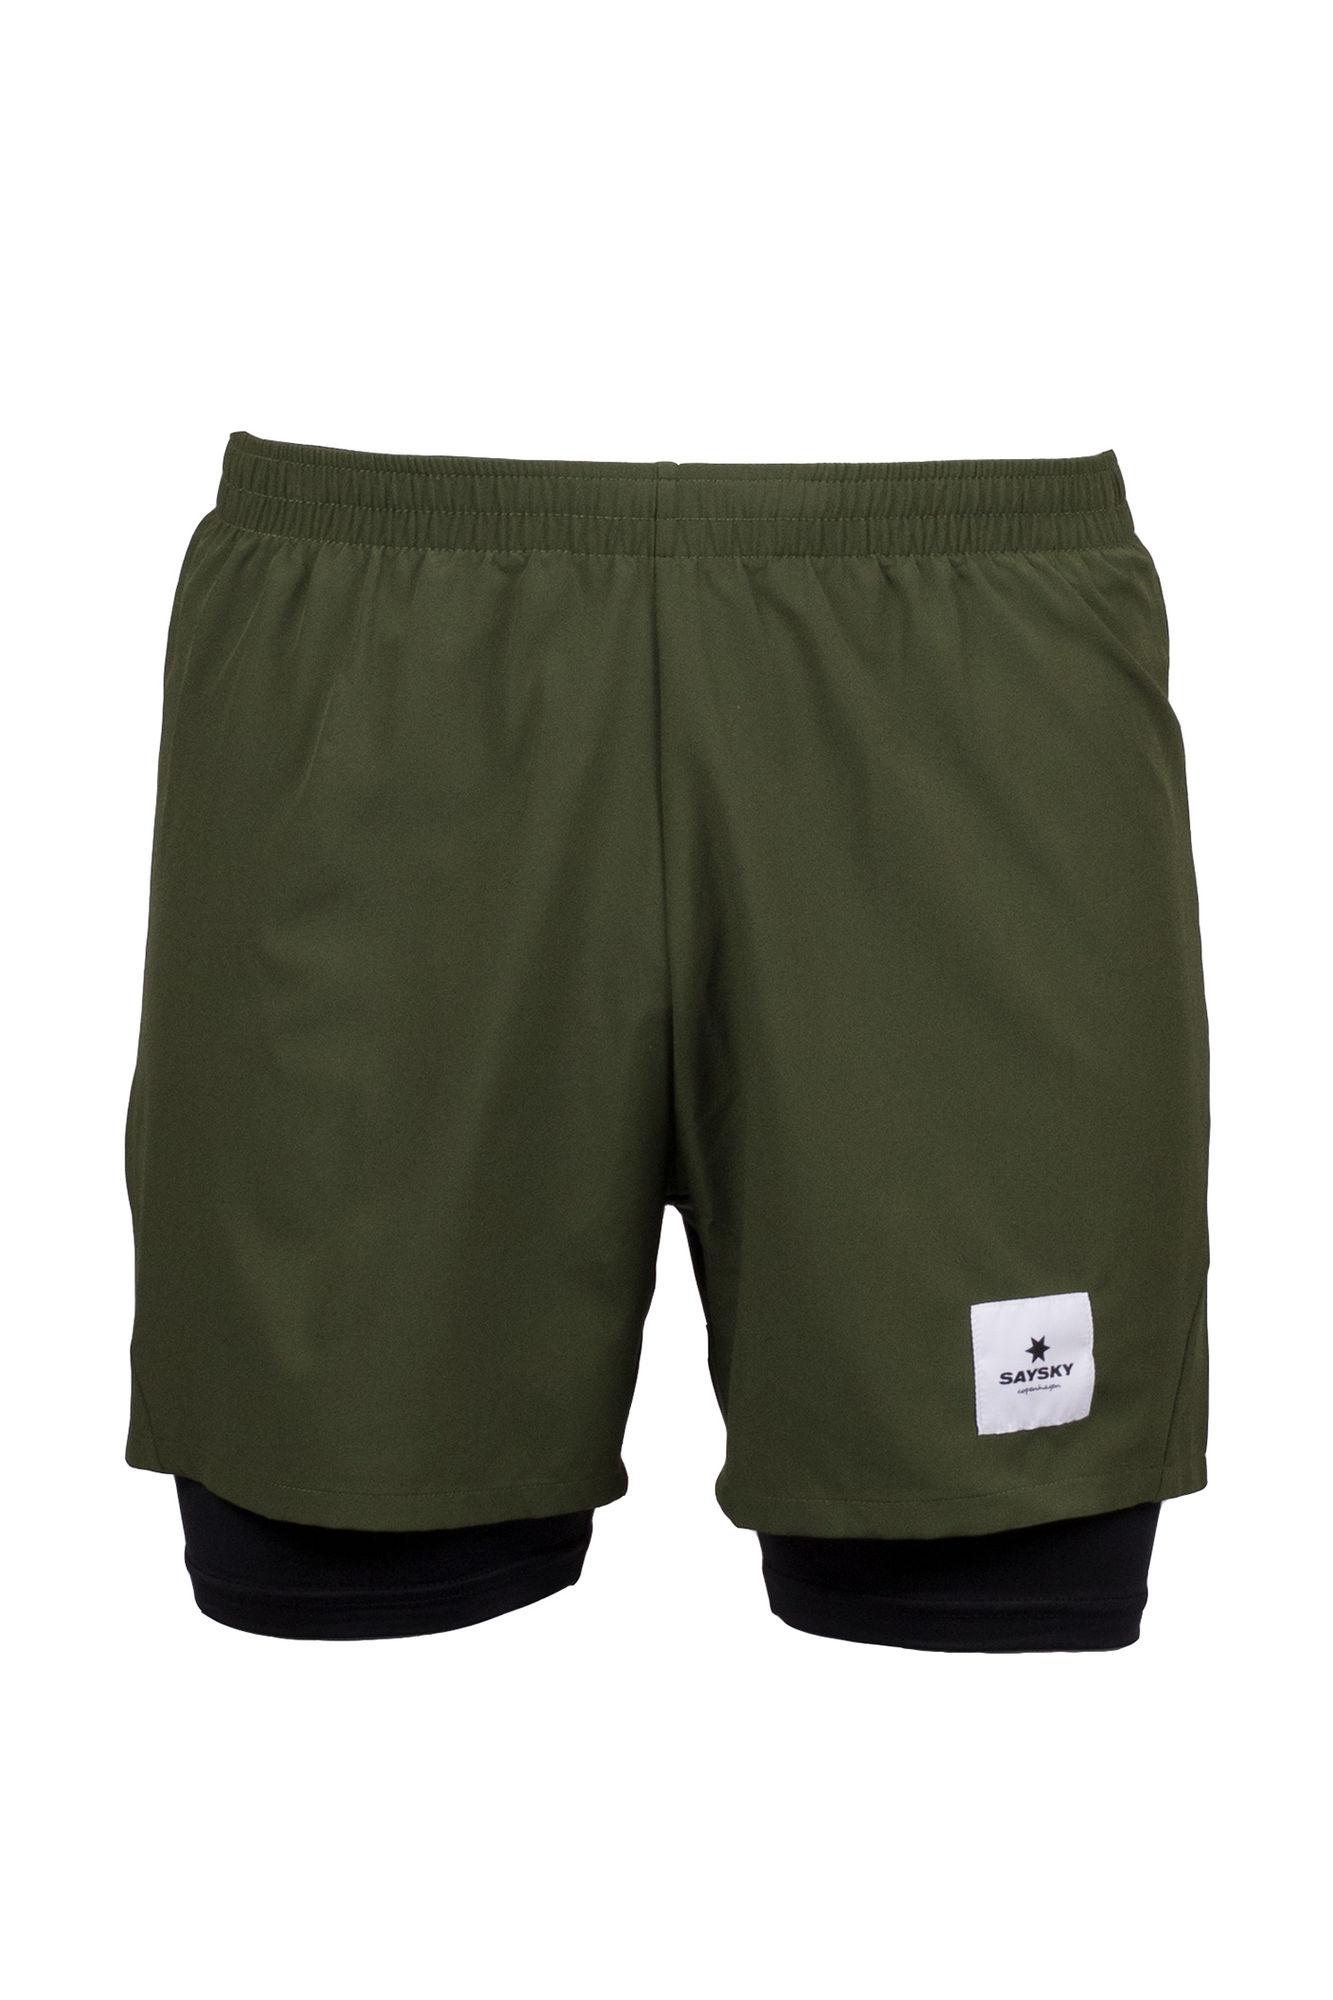 SAYSKY 2 in 1 Shorts in Grün